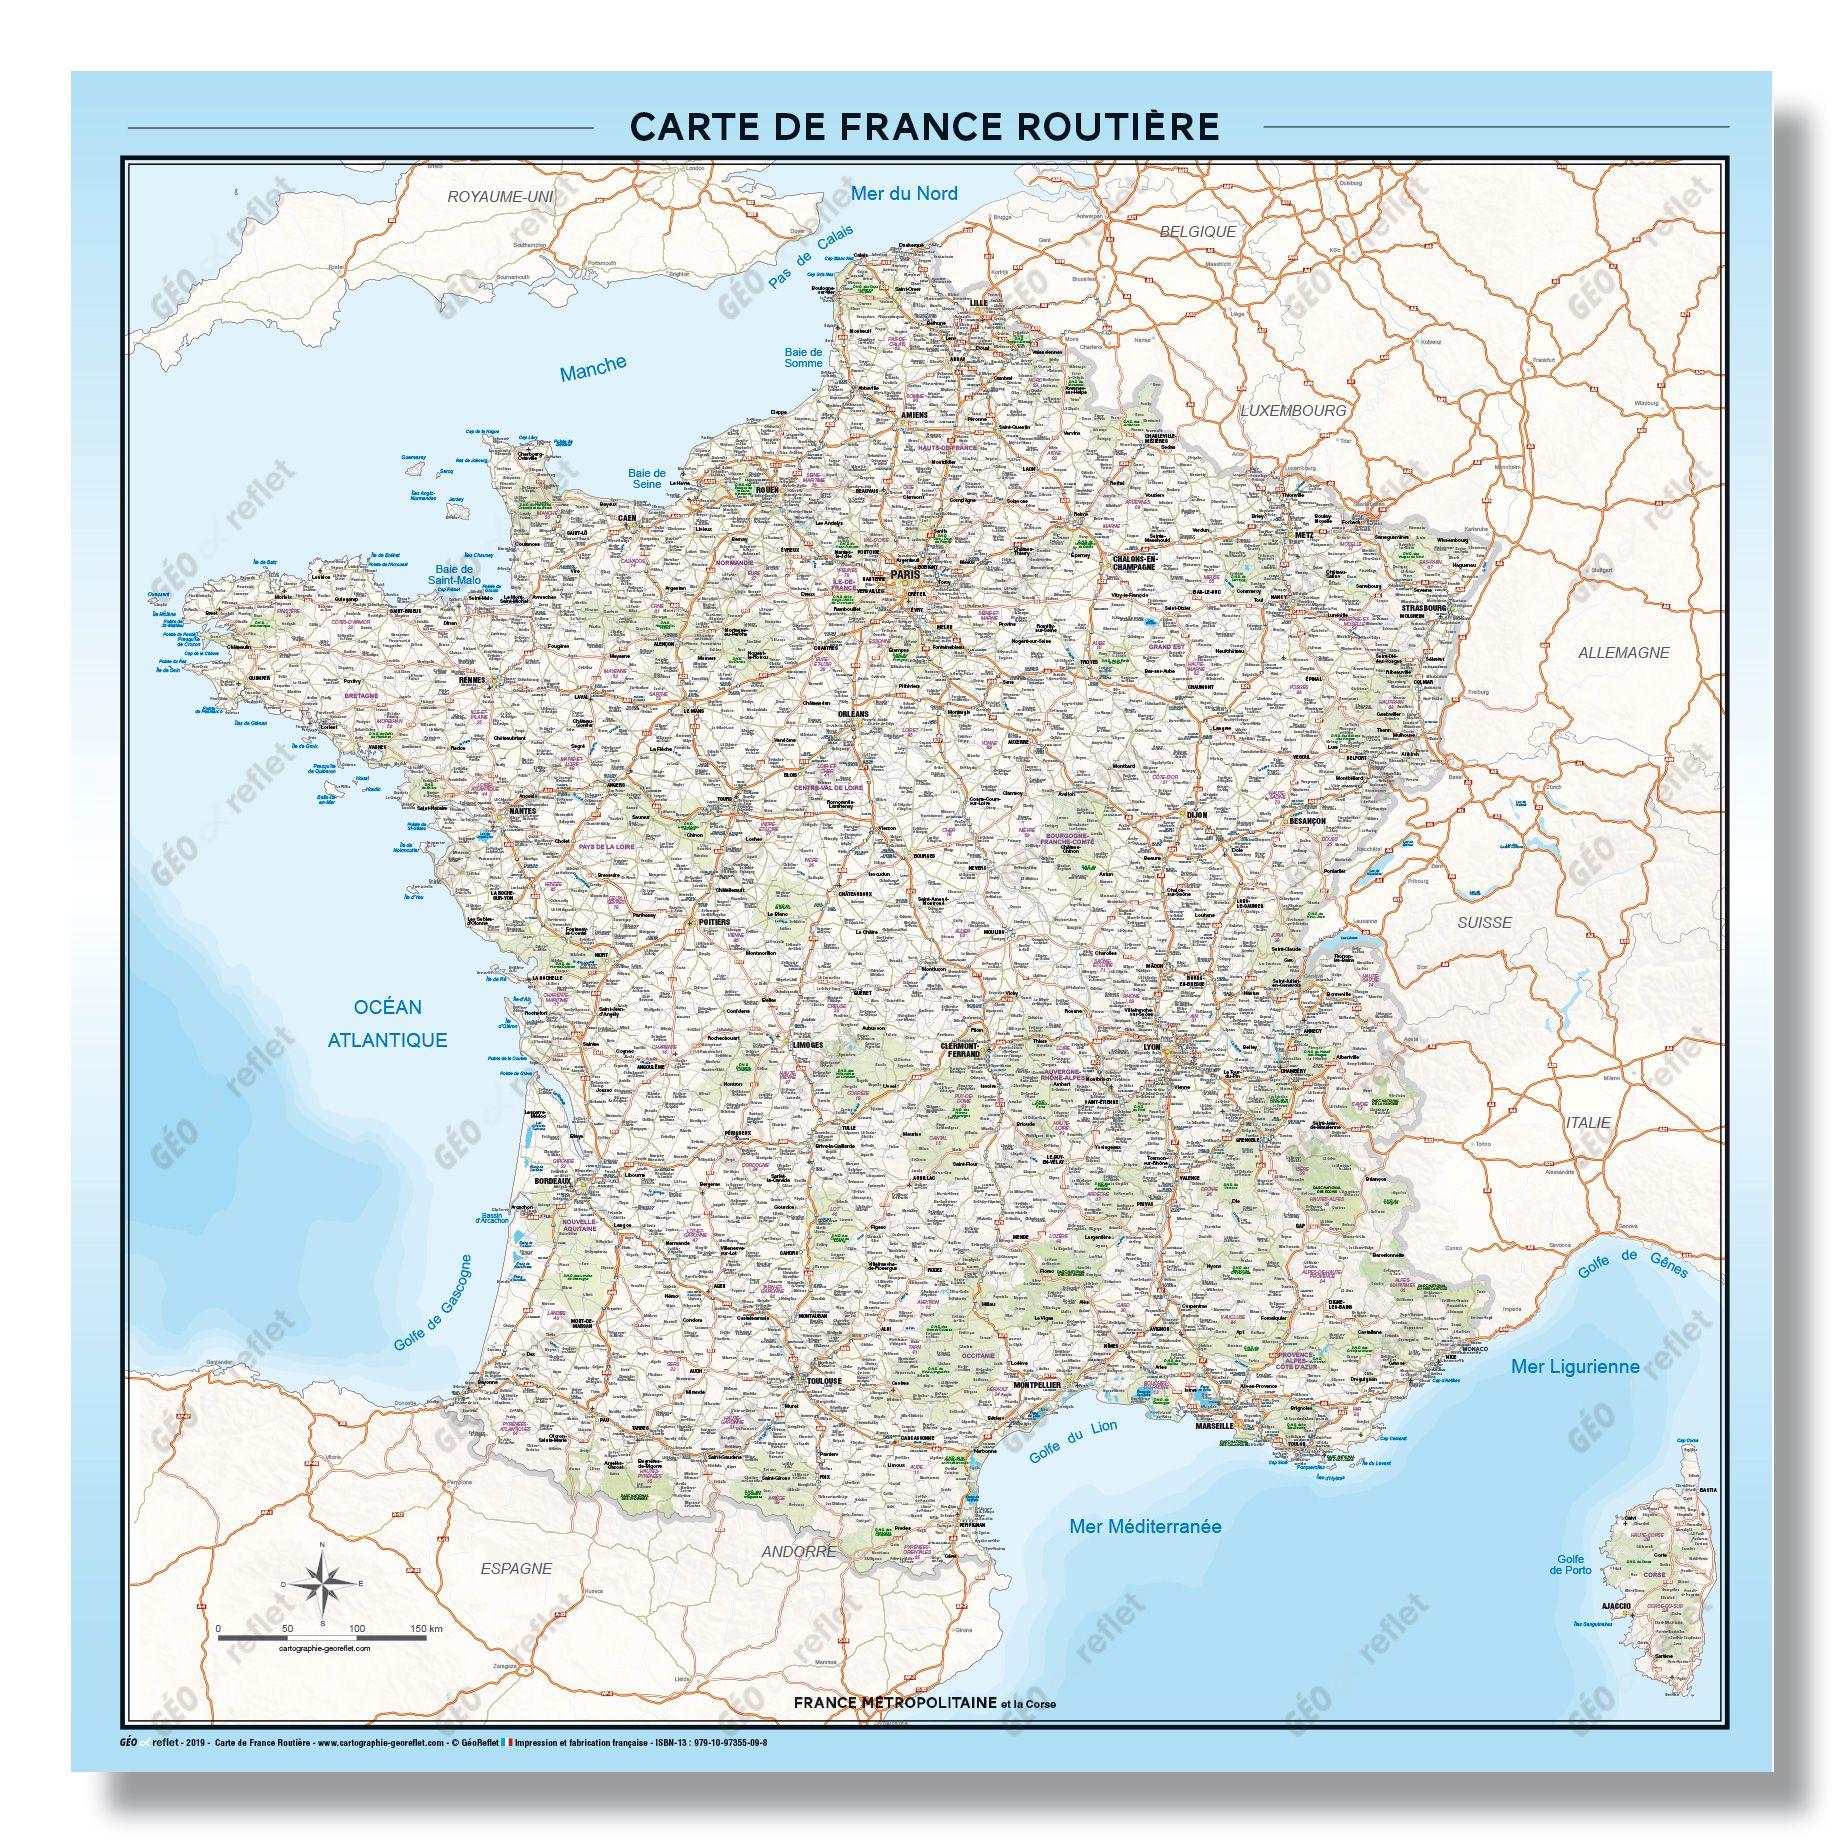 Cartes Géographiques - Tous Les Fournisseurs - Carte De avec Carte Routiere France Gratuite